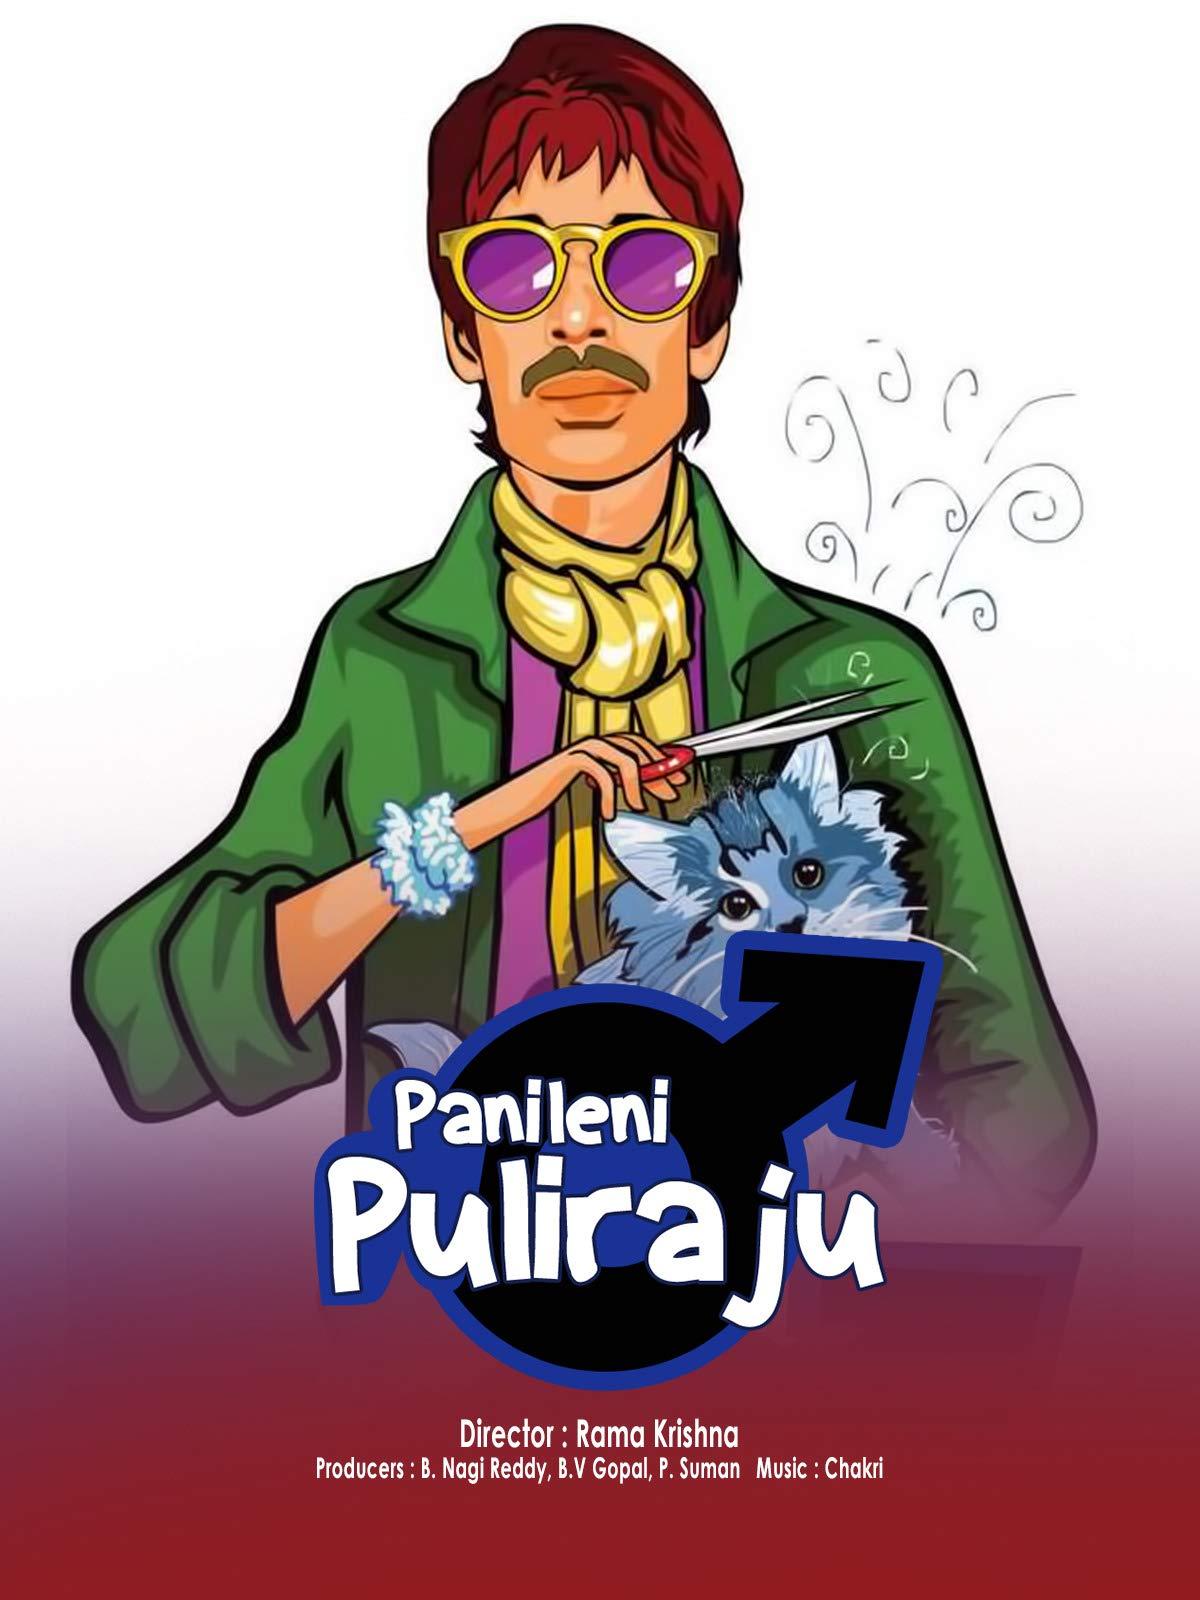 Panileni Puliraju